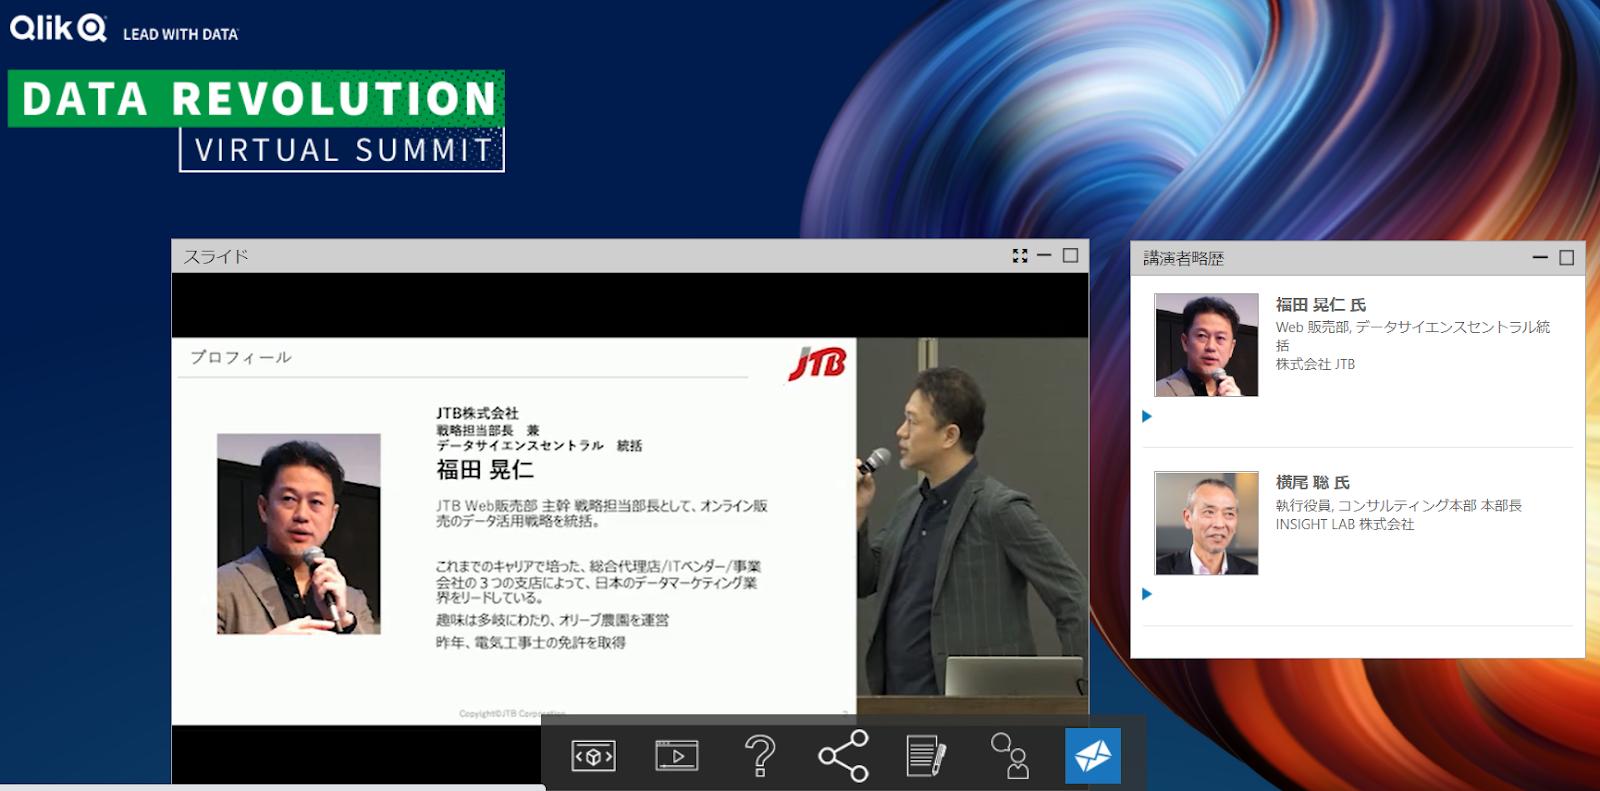 【無料】Qlik Data Revoluion バーチャルサミット 2020をオンデマンドで見る方法【見逃し配信】